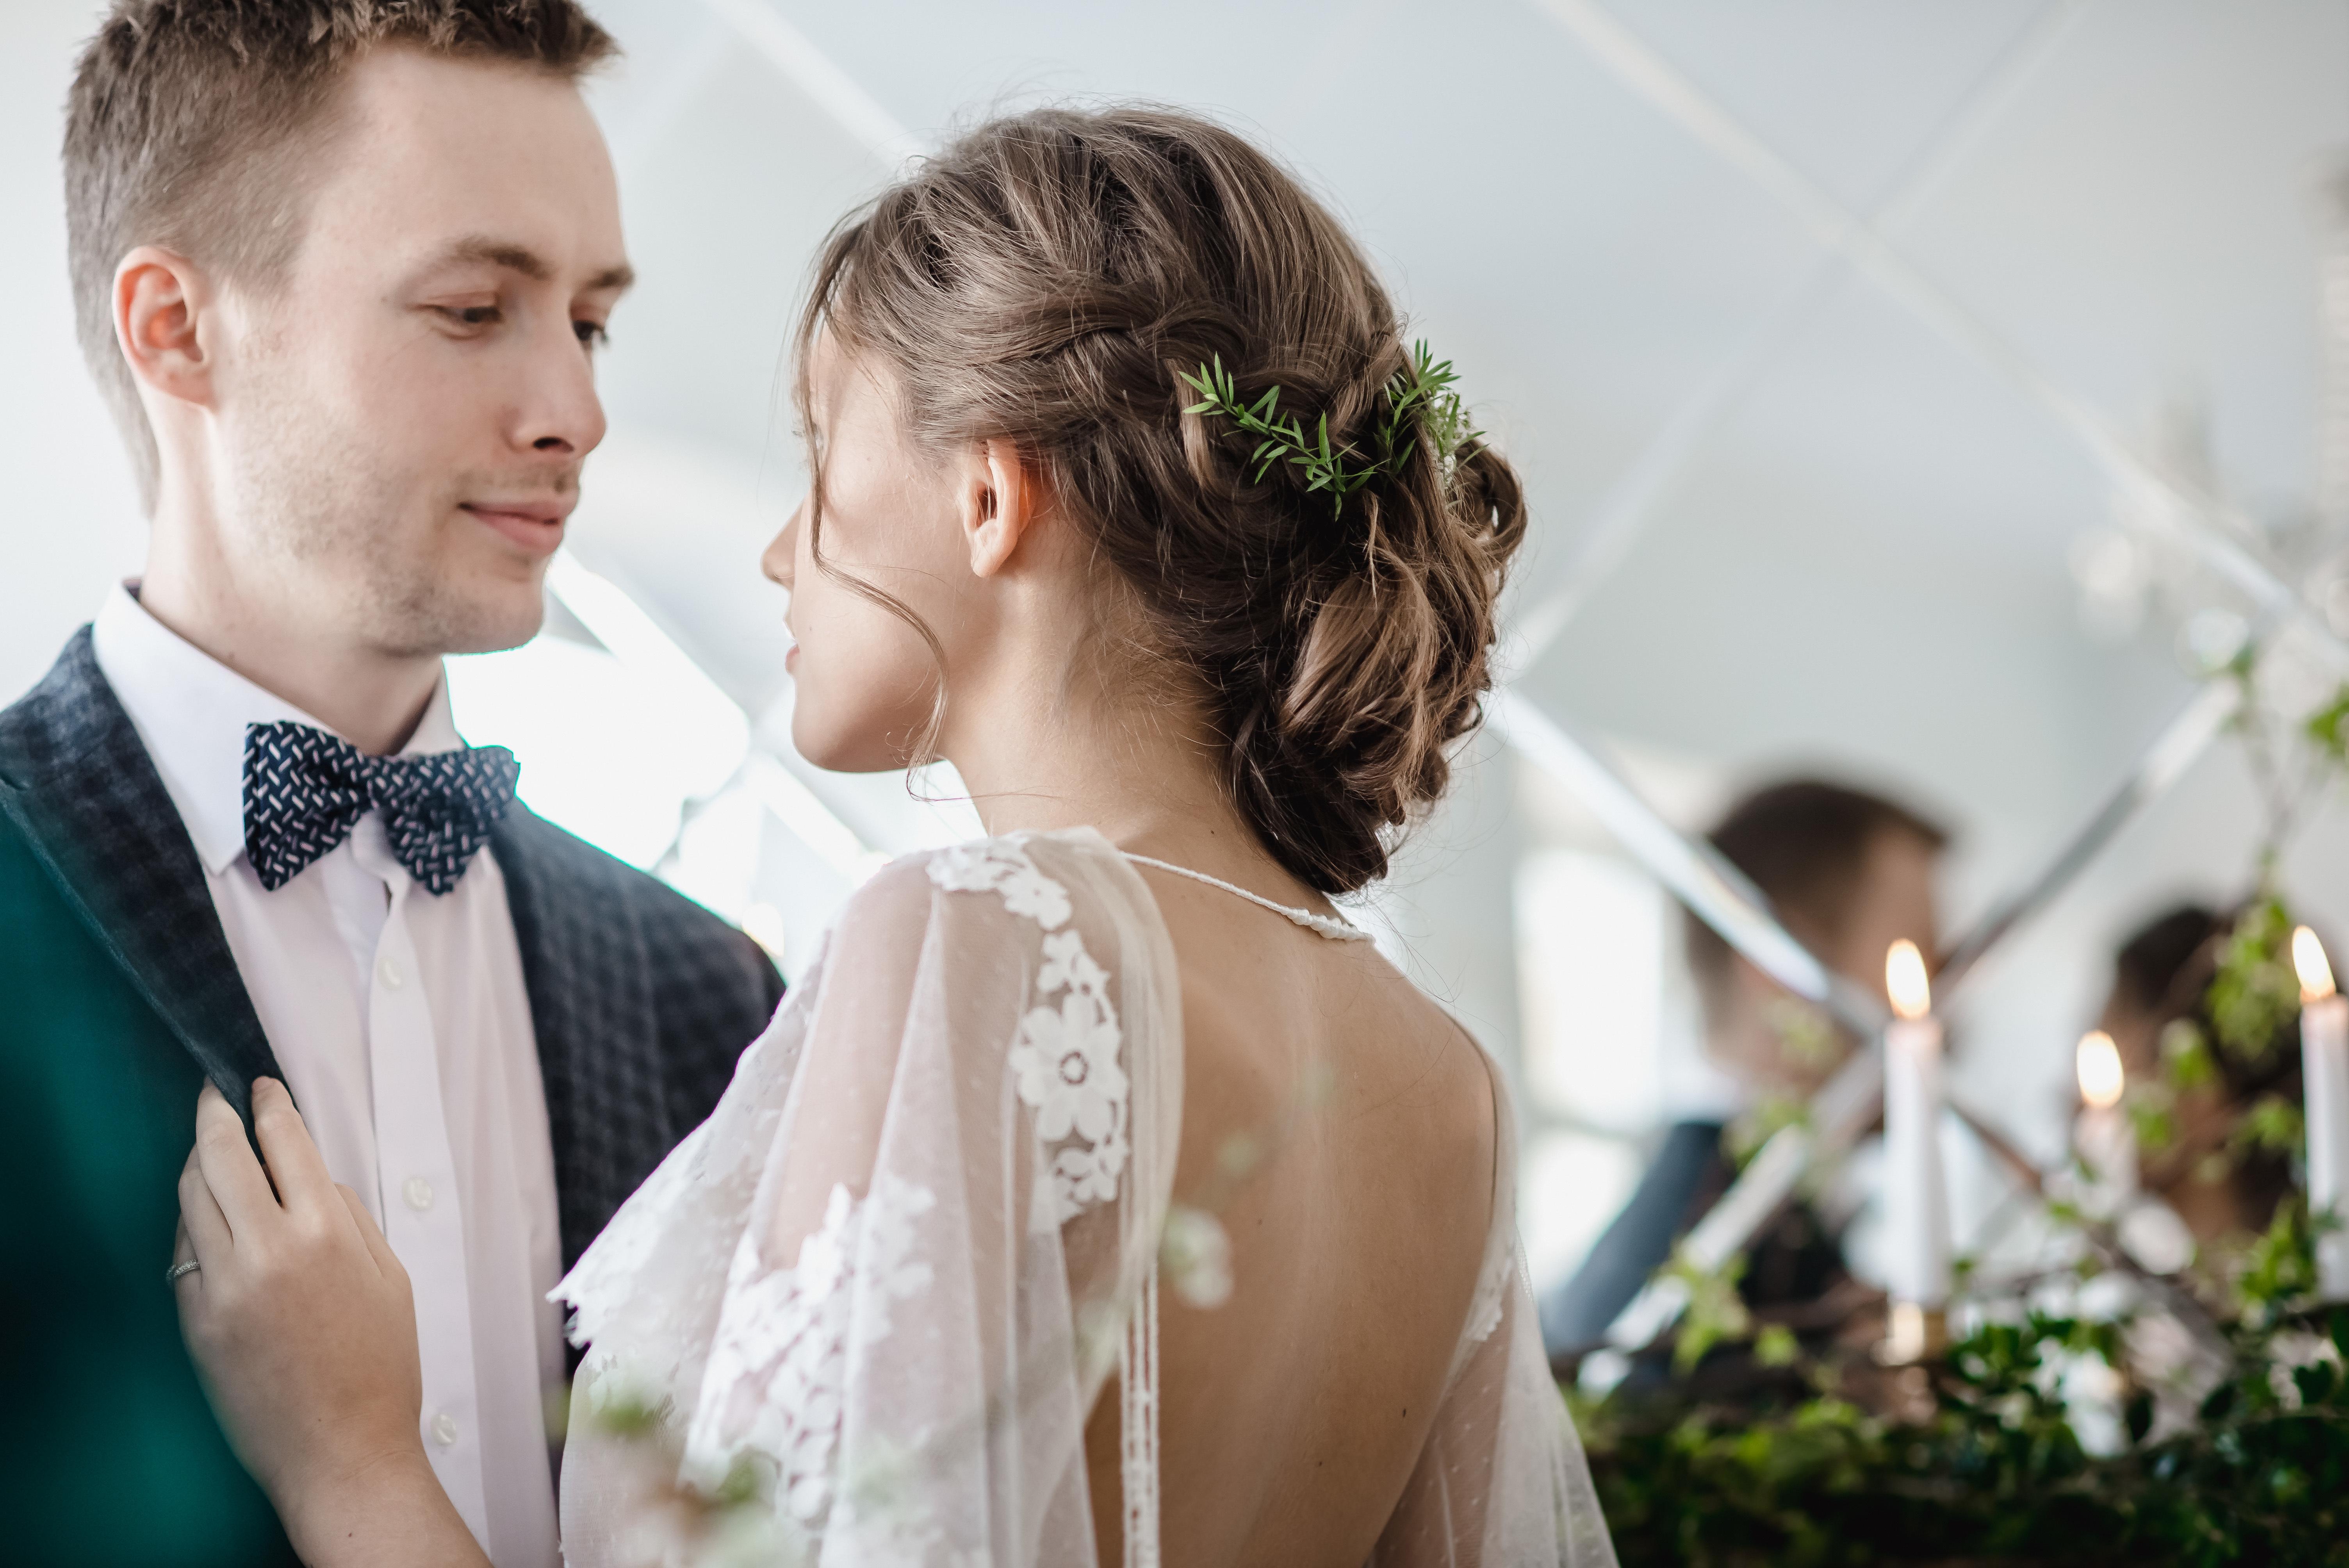 Фота на свадьбу, 50 лучших свадебных фотографий года по версии 19 фотография